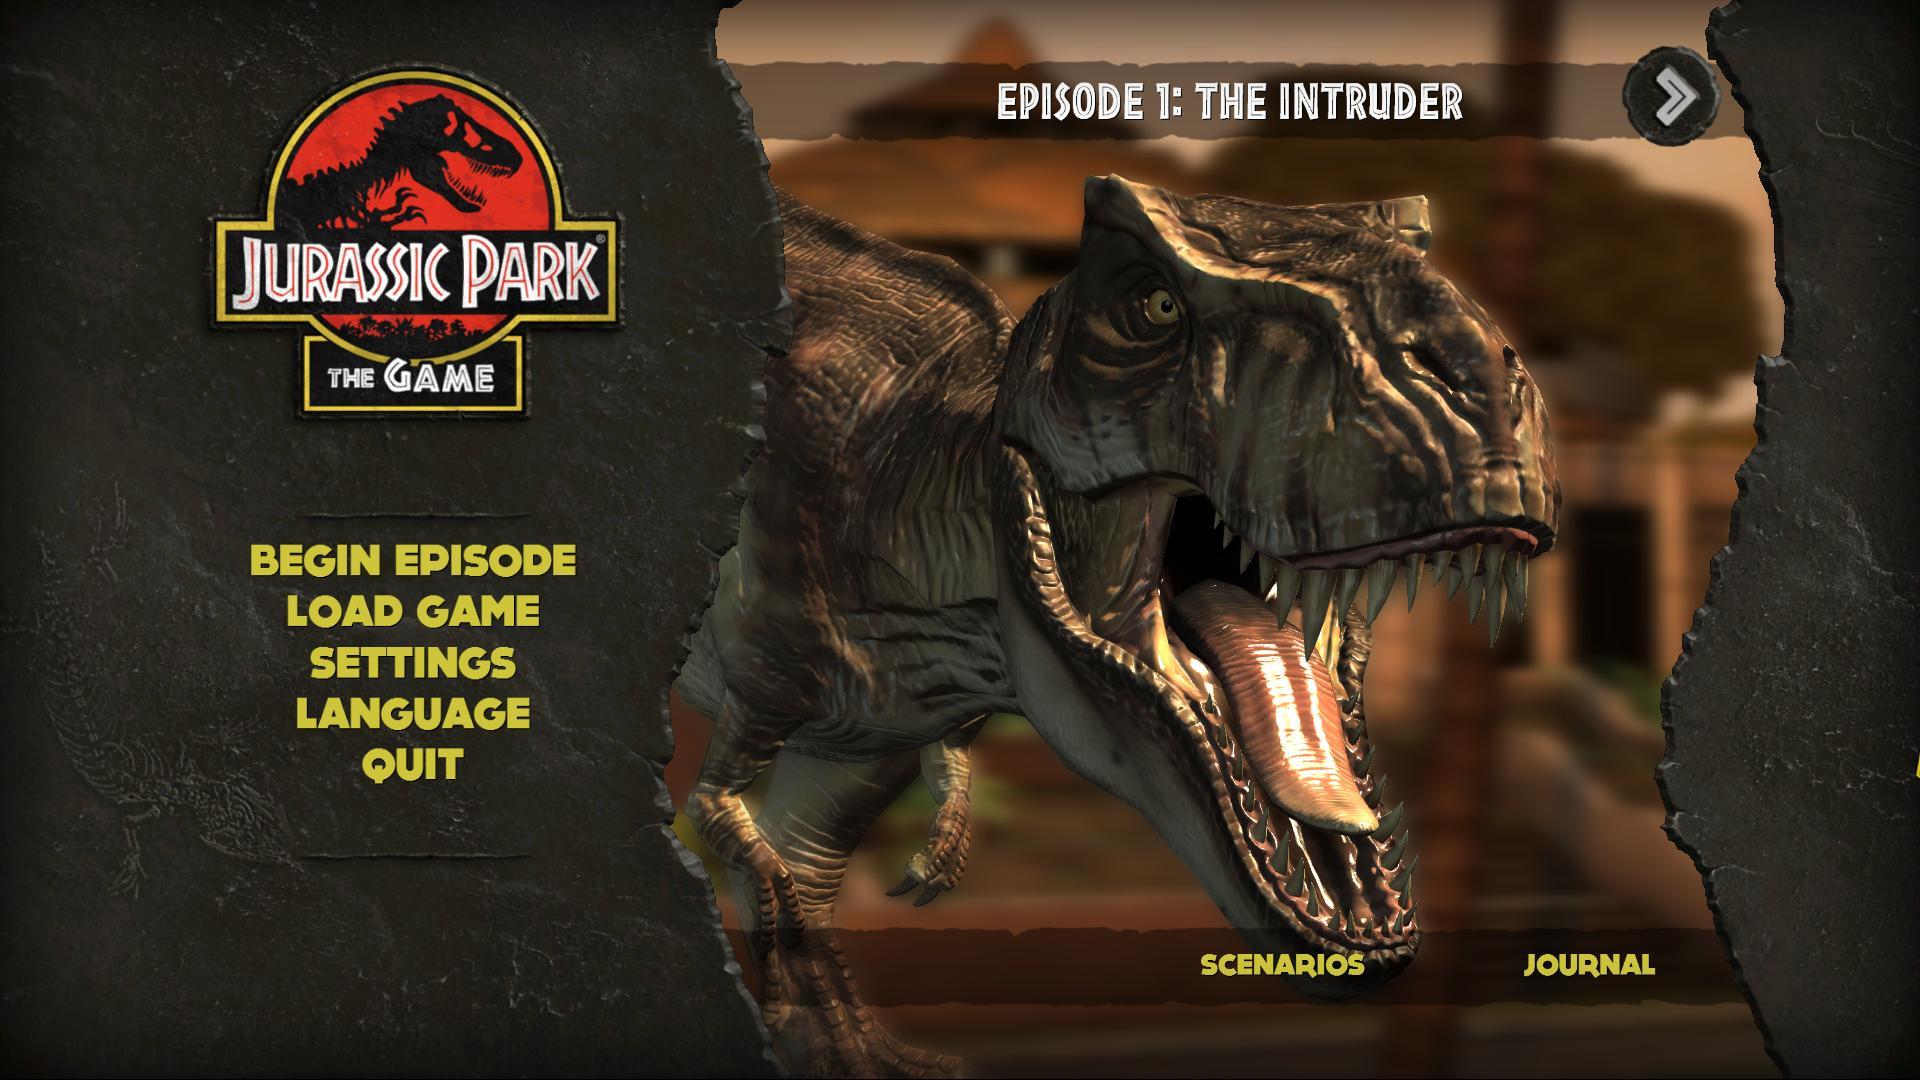 Jurassic Park: The Game (PC, Mac, iOS, PSN, XBox 360)